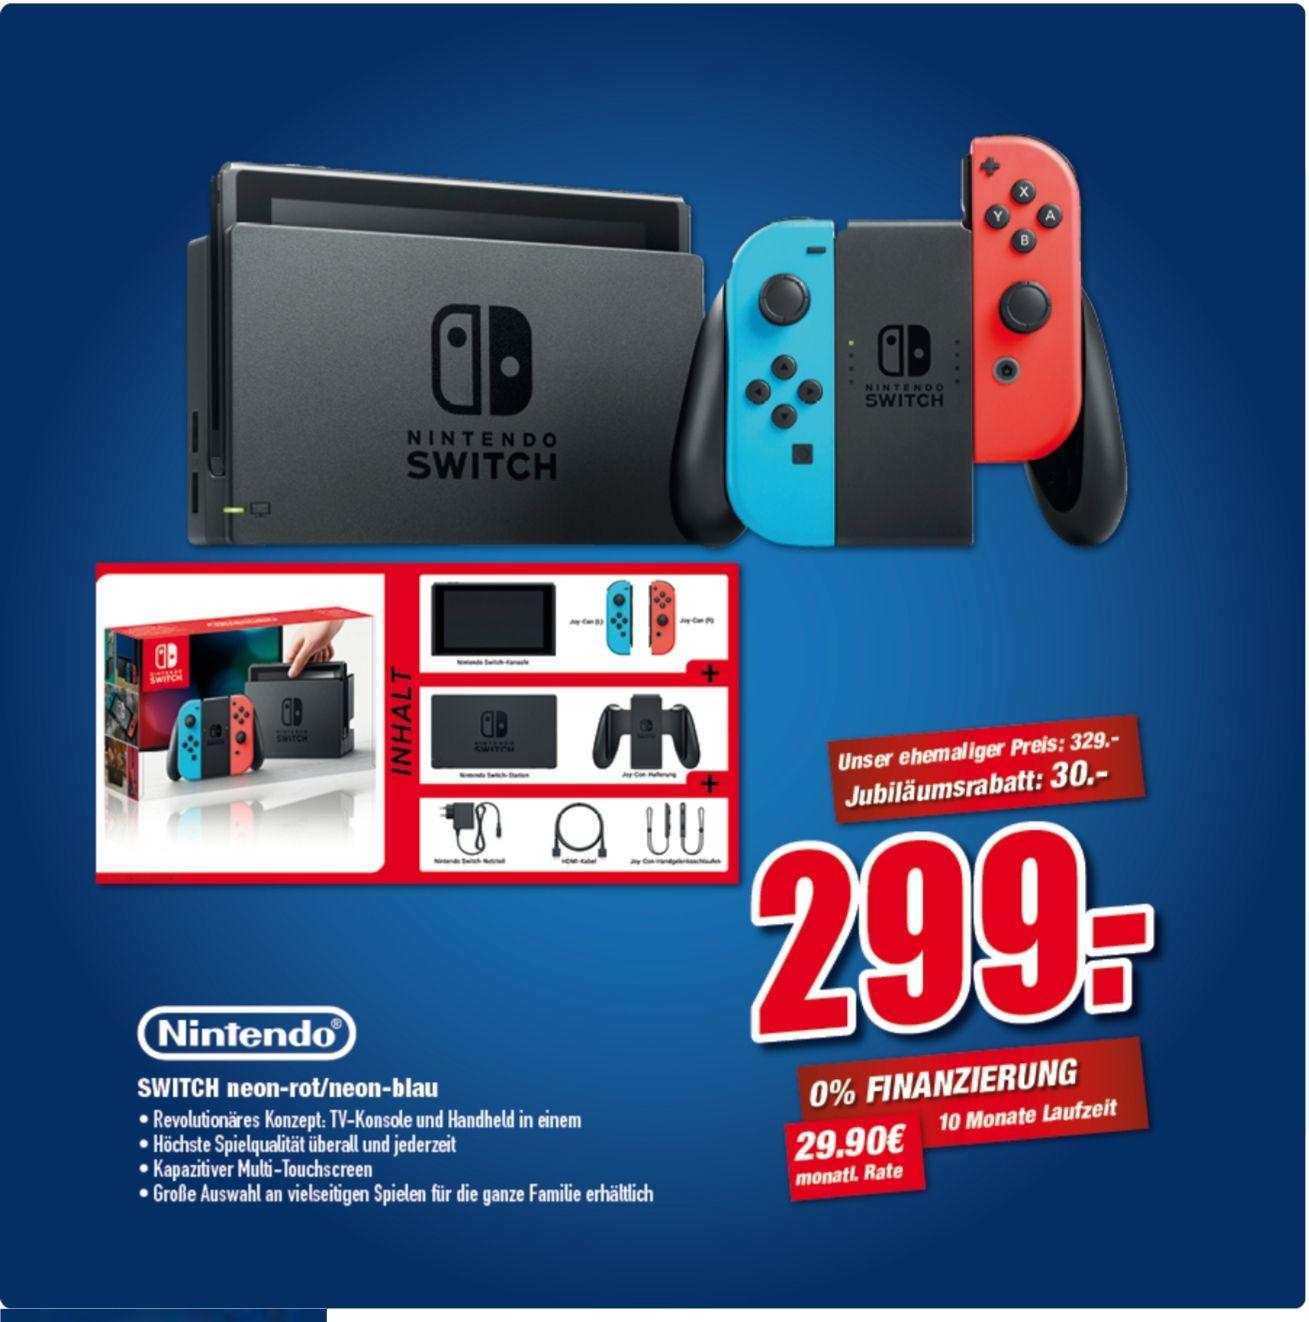 [LOKAL] Nintendo Switch Konsole Neon-Rot/Neon-Blau bei Flösch